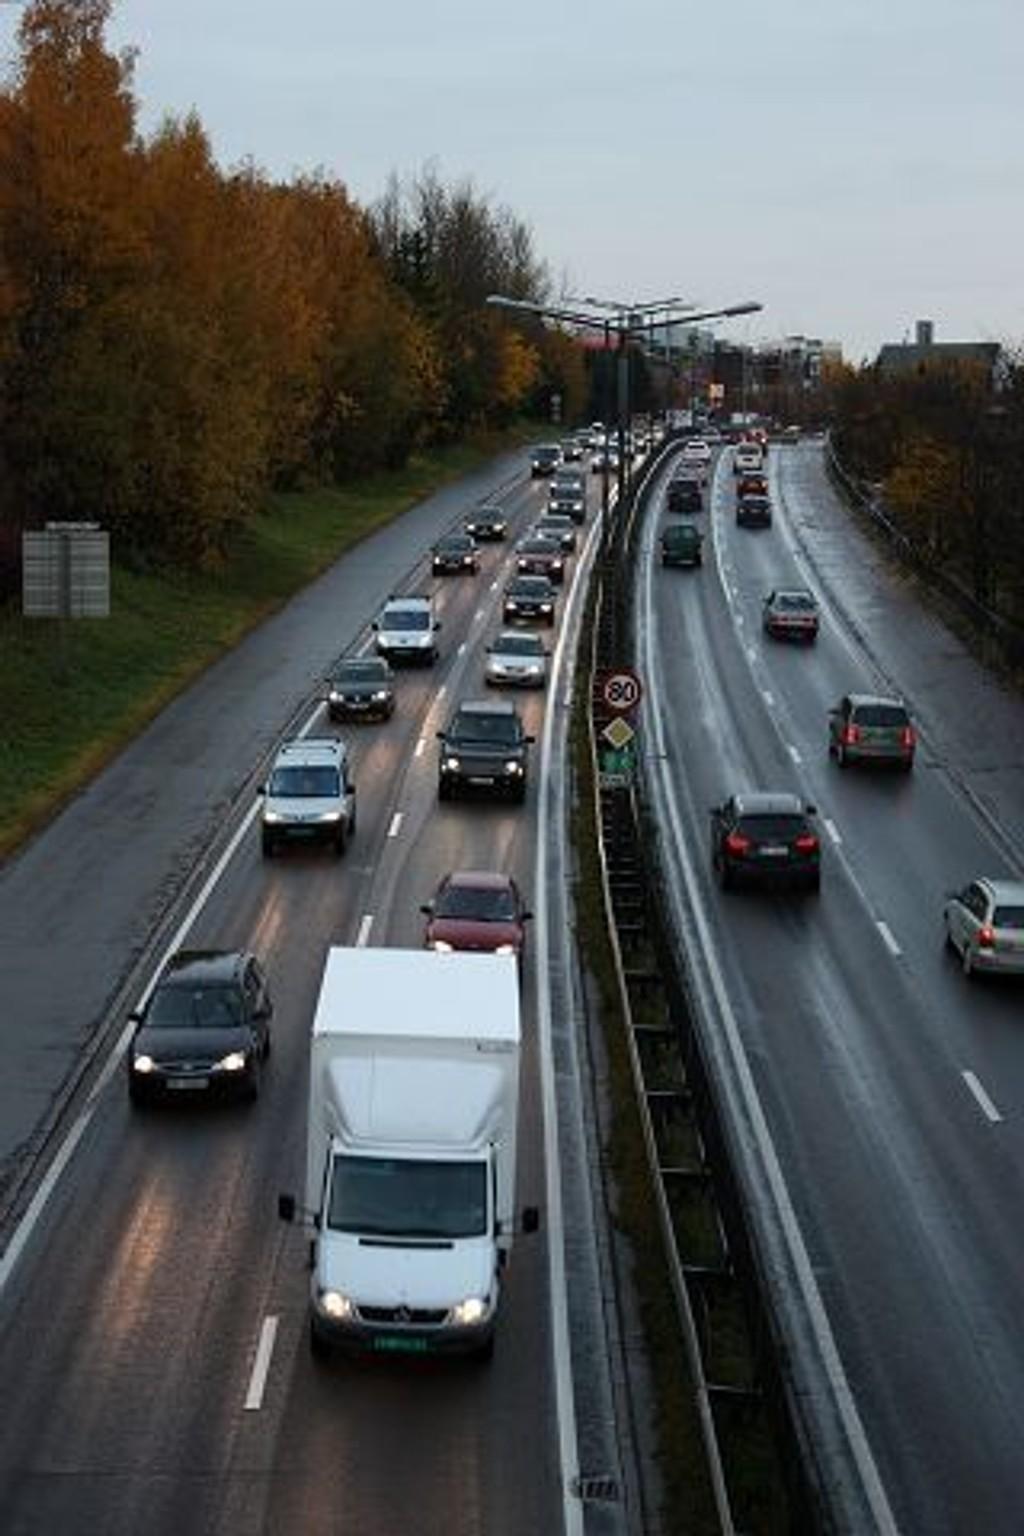 Mandag morgen fikk bilistene på Europaveien og Store Ringvei (her mellom Manglerud og Ryen) erfare om mulig enda tettere trafikk enn vanlig. Årsaken er mindre kapasitet i Festningtunnelen i forbindelse med tilkoplingen til senketunnelen.